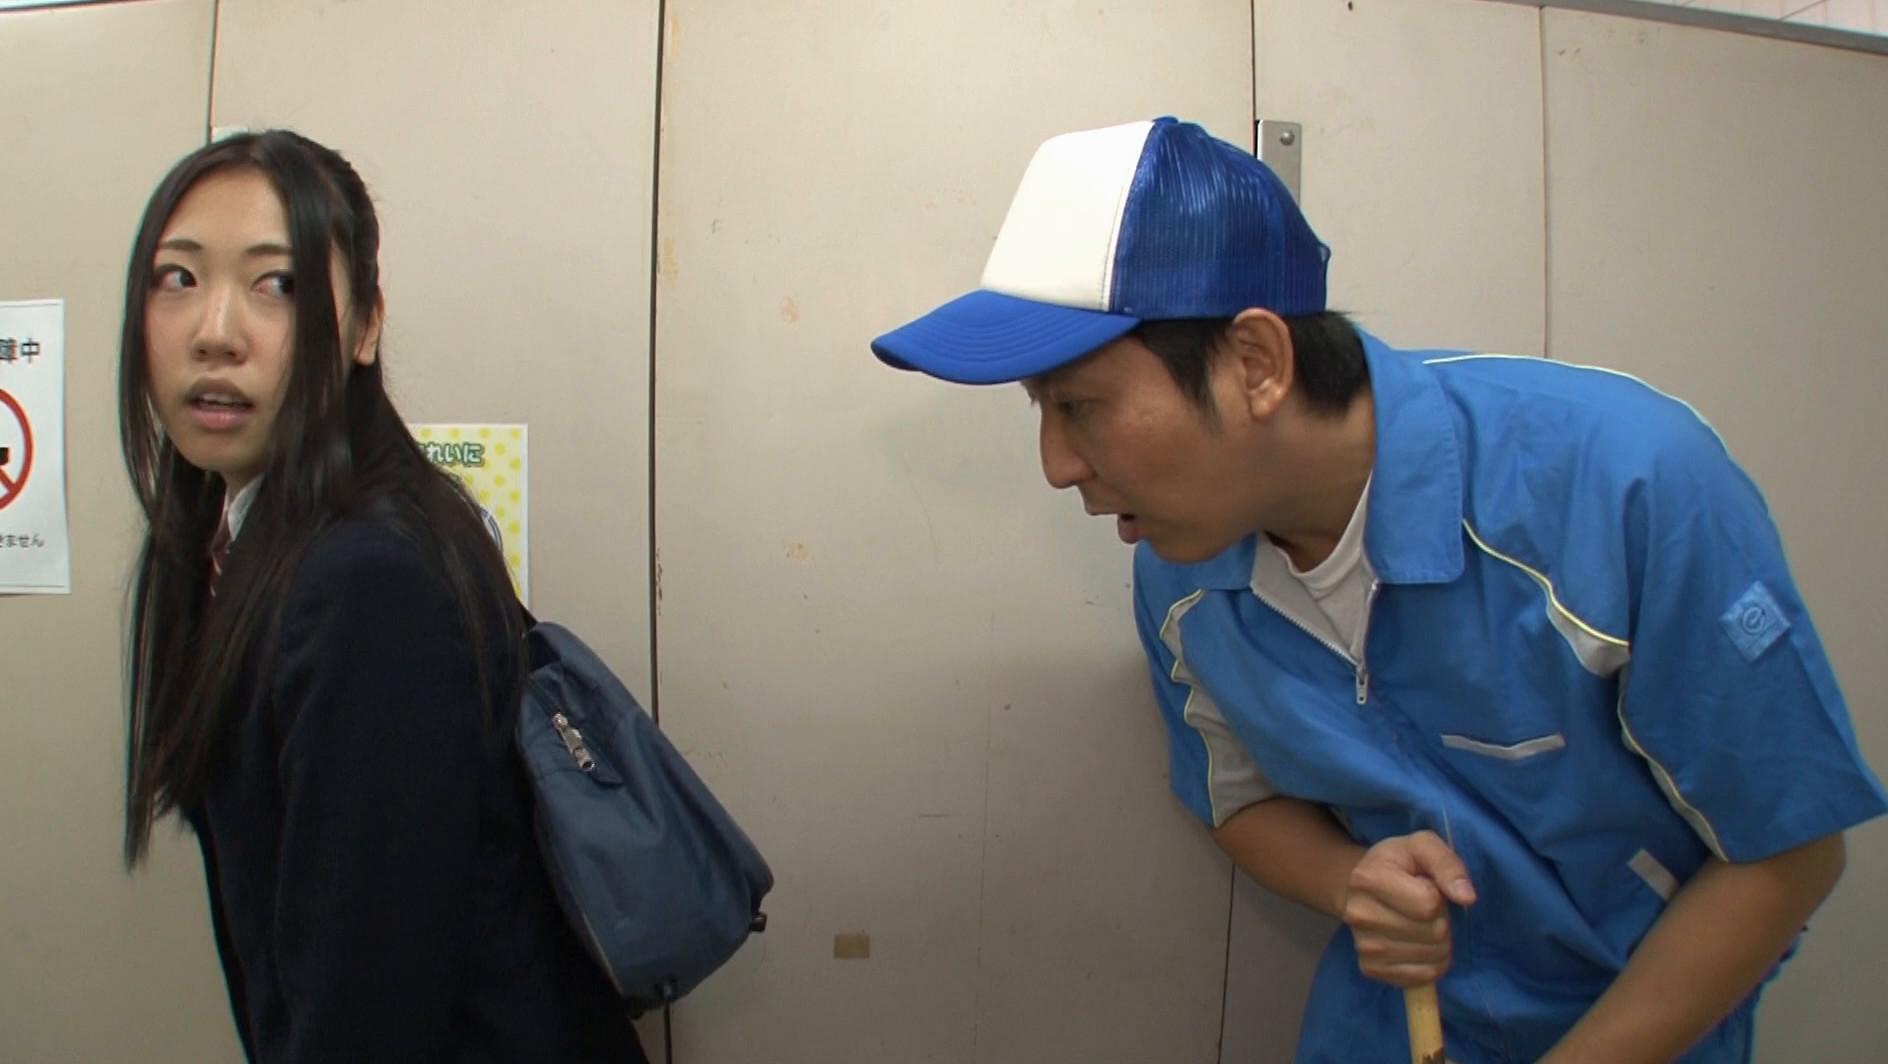 公衆トイレ清掃員のアルバイト中に思わぬ幸運!冬でも生足のミニスカ女子高生は冷え冷えでおしっこが漏れそう!女子トイレが満員でやむなく男子トイレに飛び込むも、間に合わず僕の目の前でまさかの失禁!「私だけに恥かかせないで!」となぜかお漏らし強要されたもののもちろん出ず、チ○ポをガン見する女子高生。しかも目の前でソソるお漏らし姿を見せられたもんだからついつい勃起してしまうと、僕の精子をお漏らしさせられちゃ 画像3